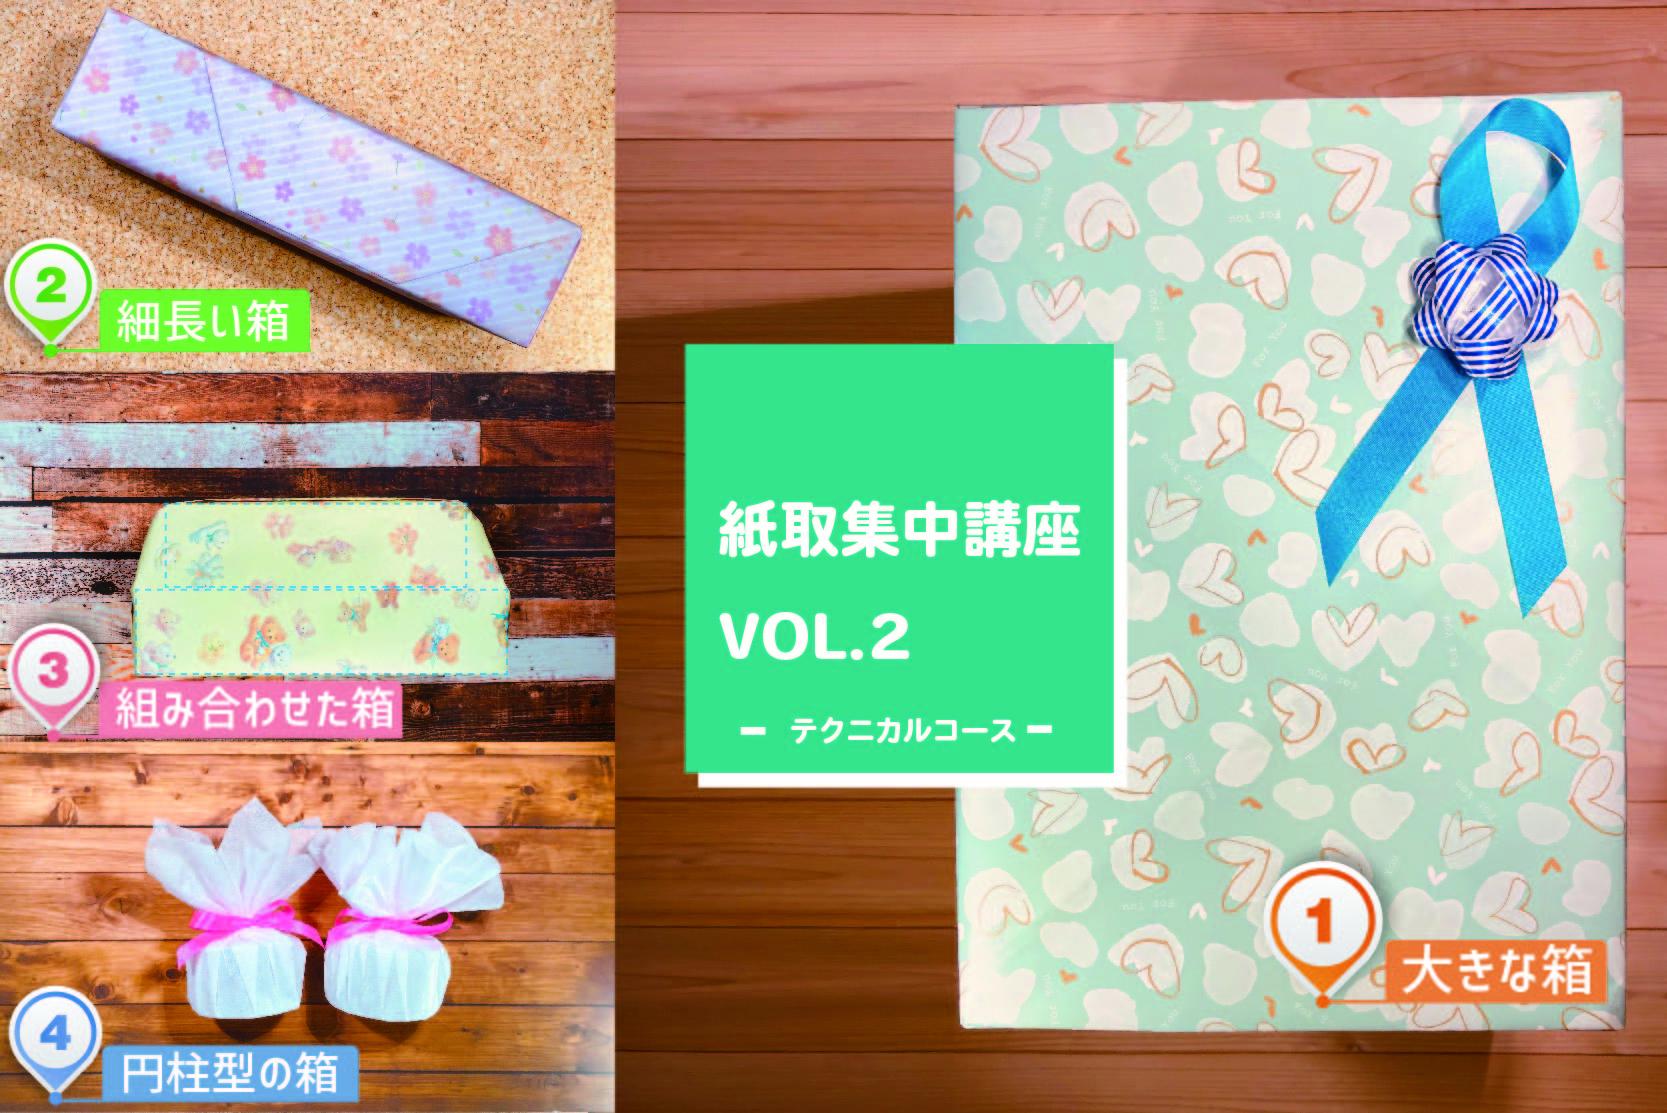 ラッピング講習会: 紙取り集中講座 VOL.2